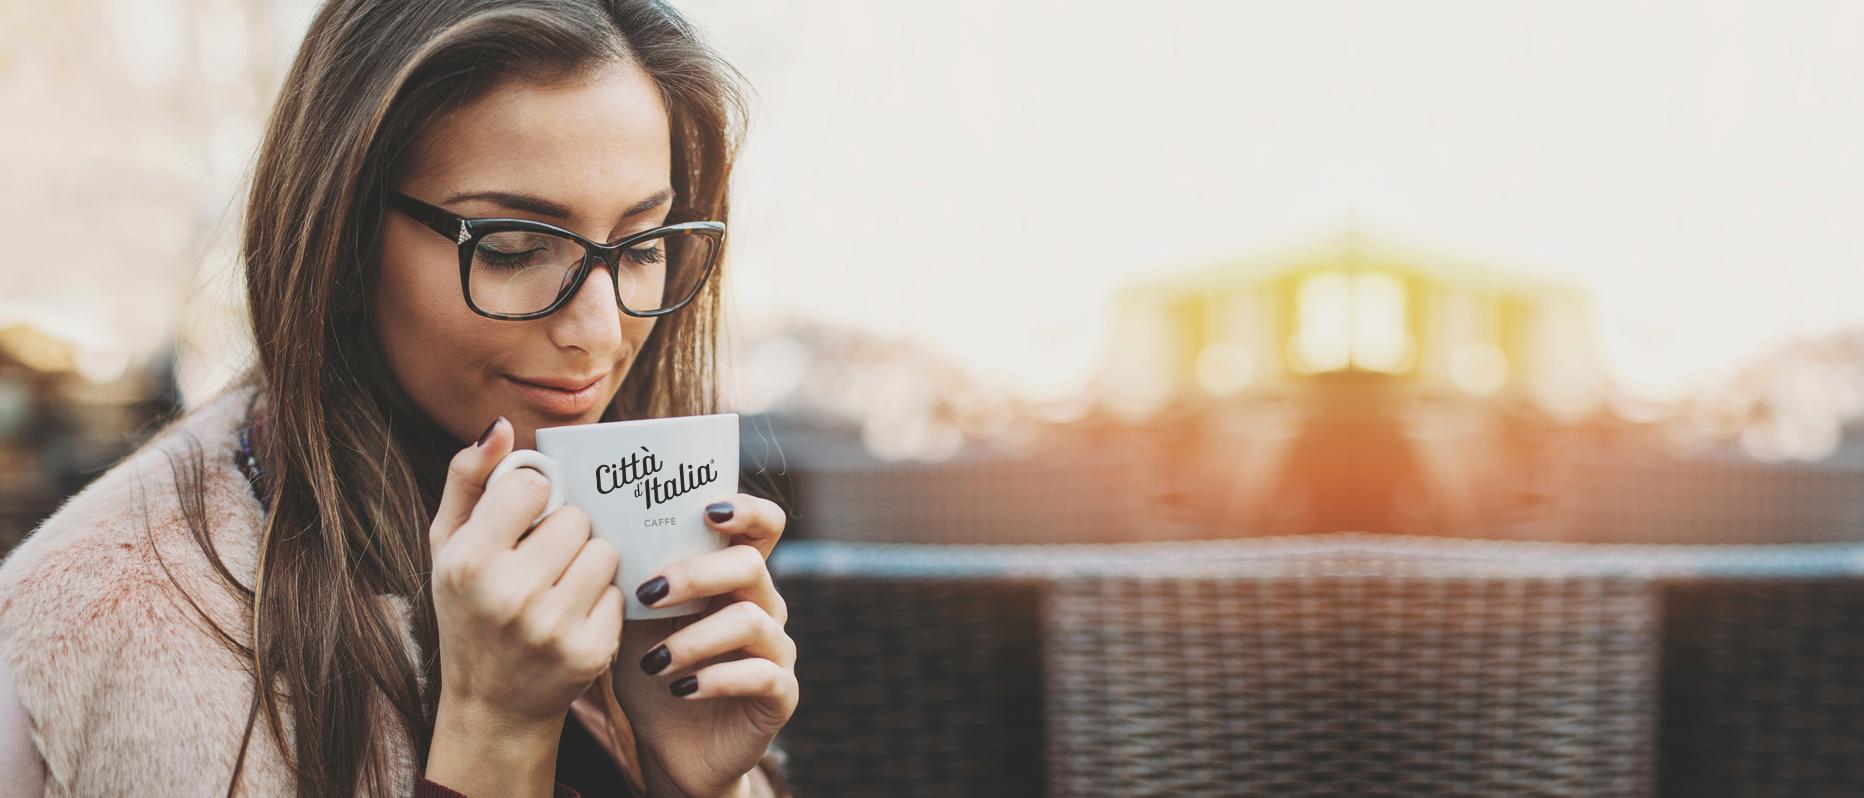 La Messicana - Caffè per bar, ristoranti, hotel e caffetterie